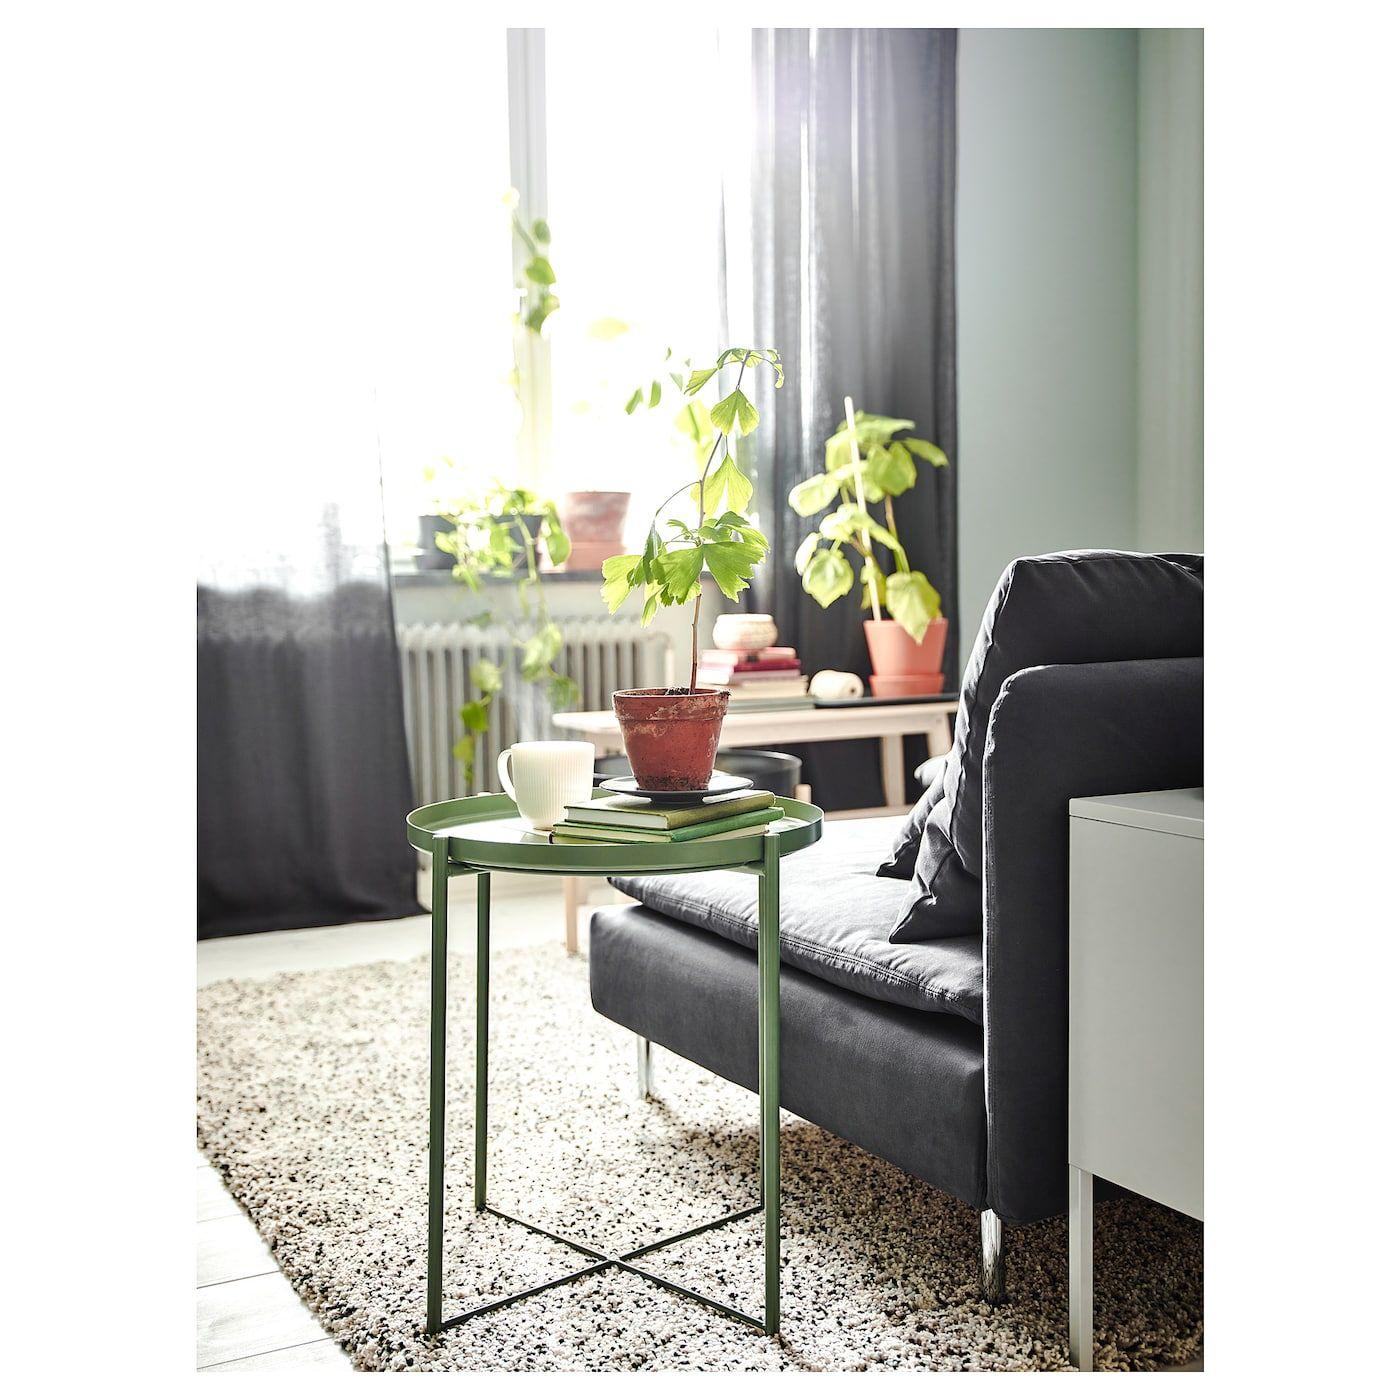 US Furniture and Home Furnishings en 2020 | Vistas, Verde